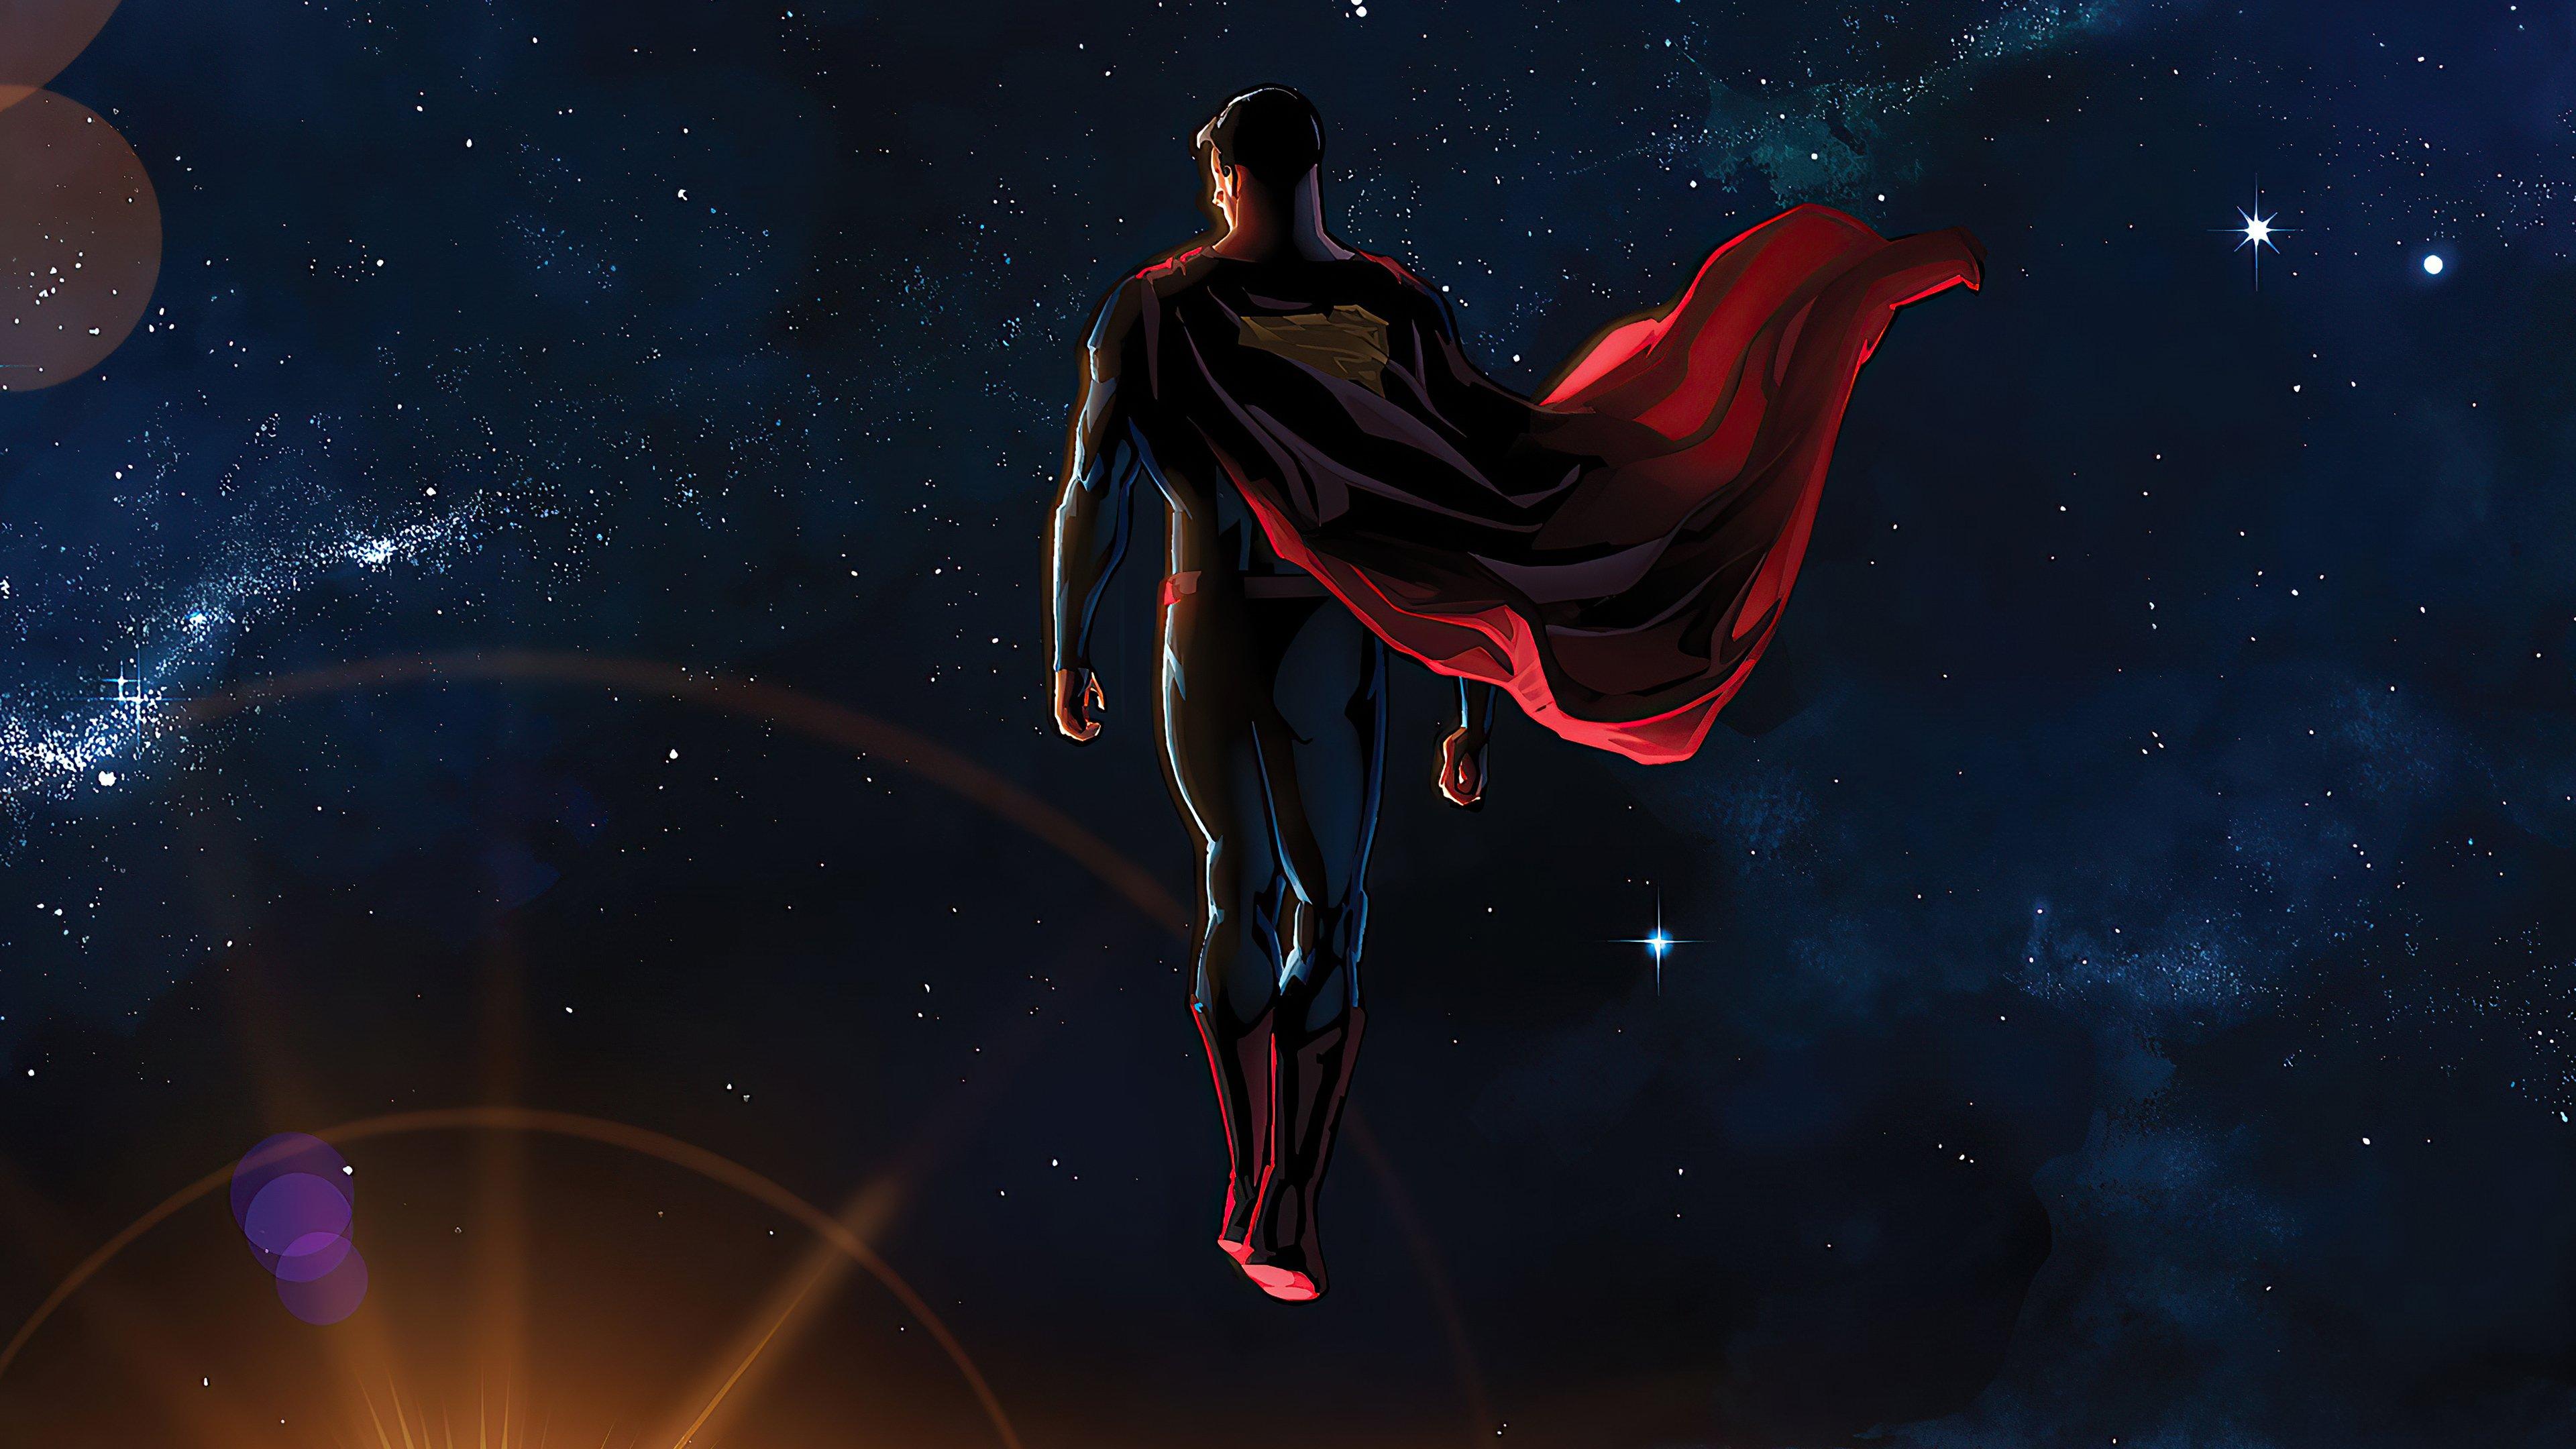 Wallpaper Superman in space Fanart